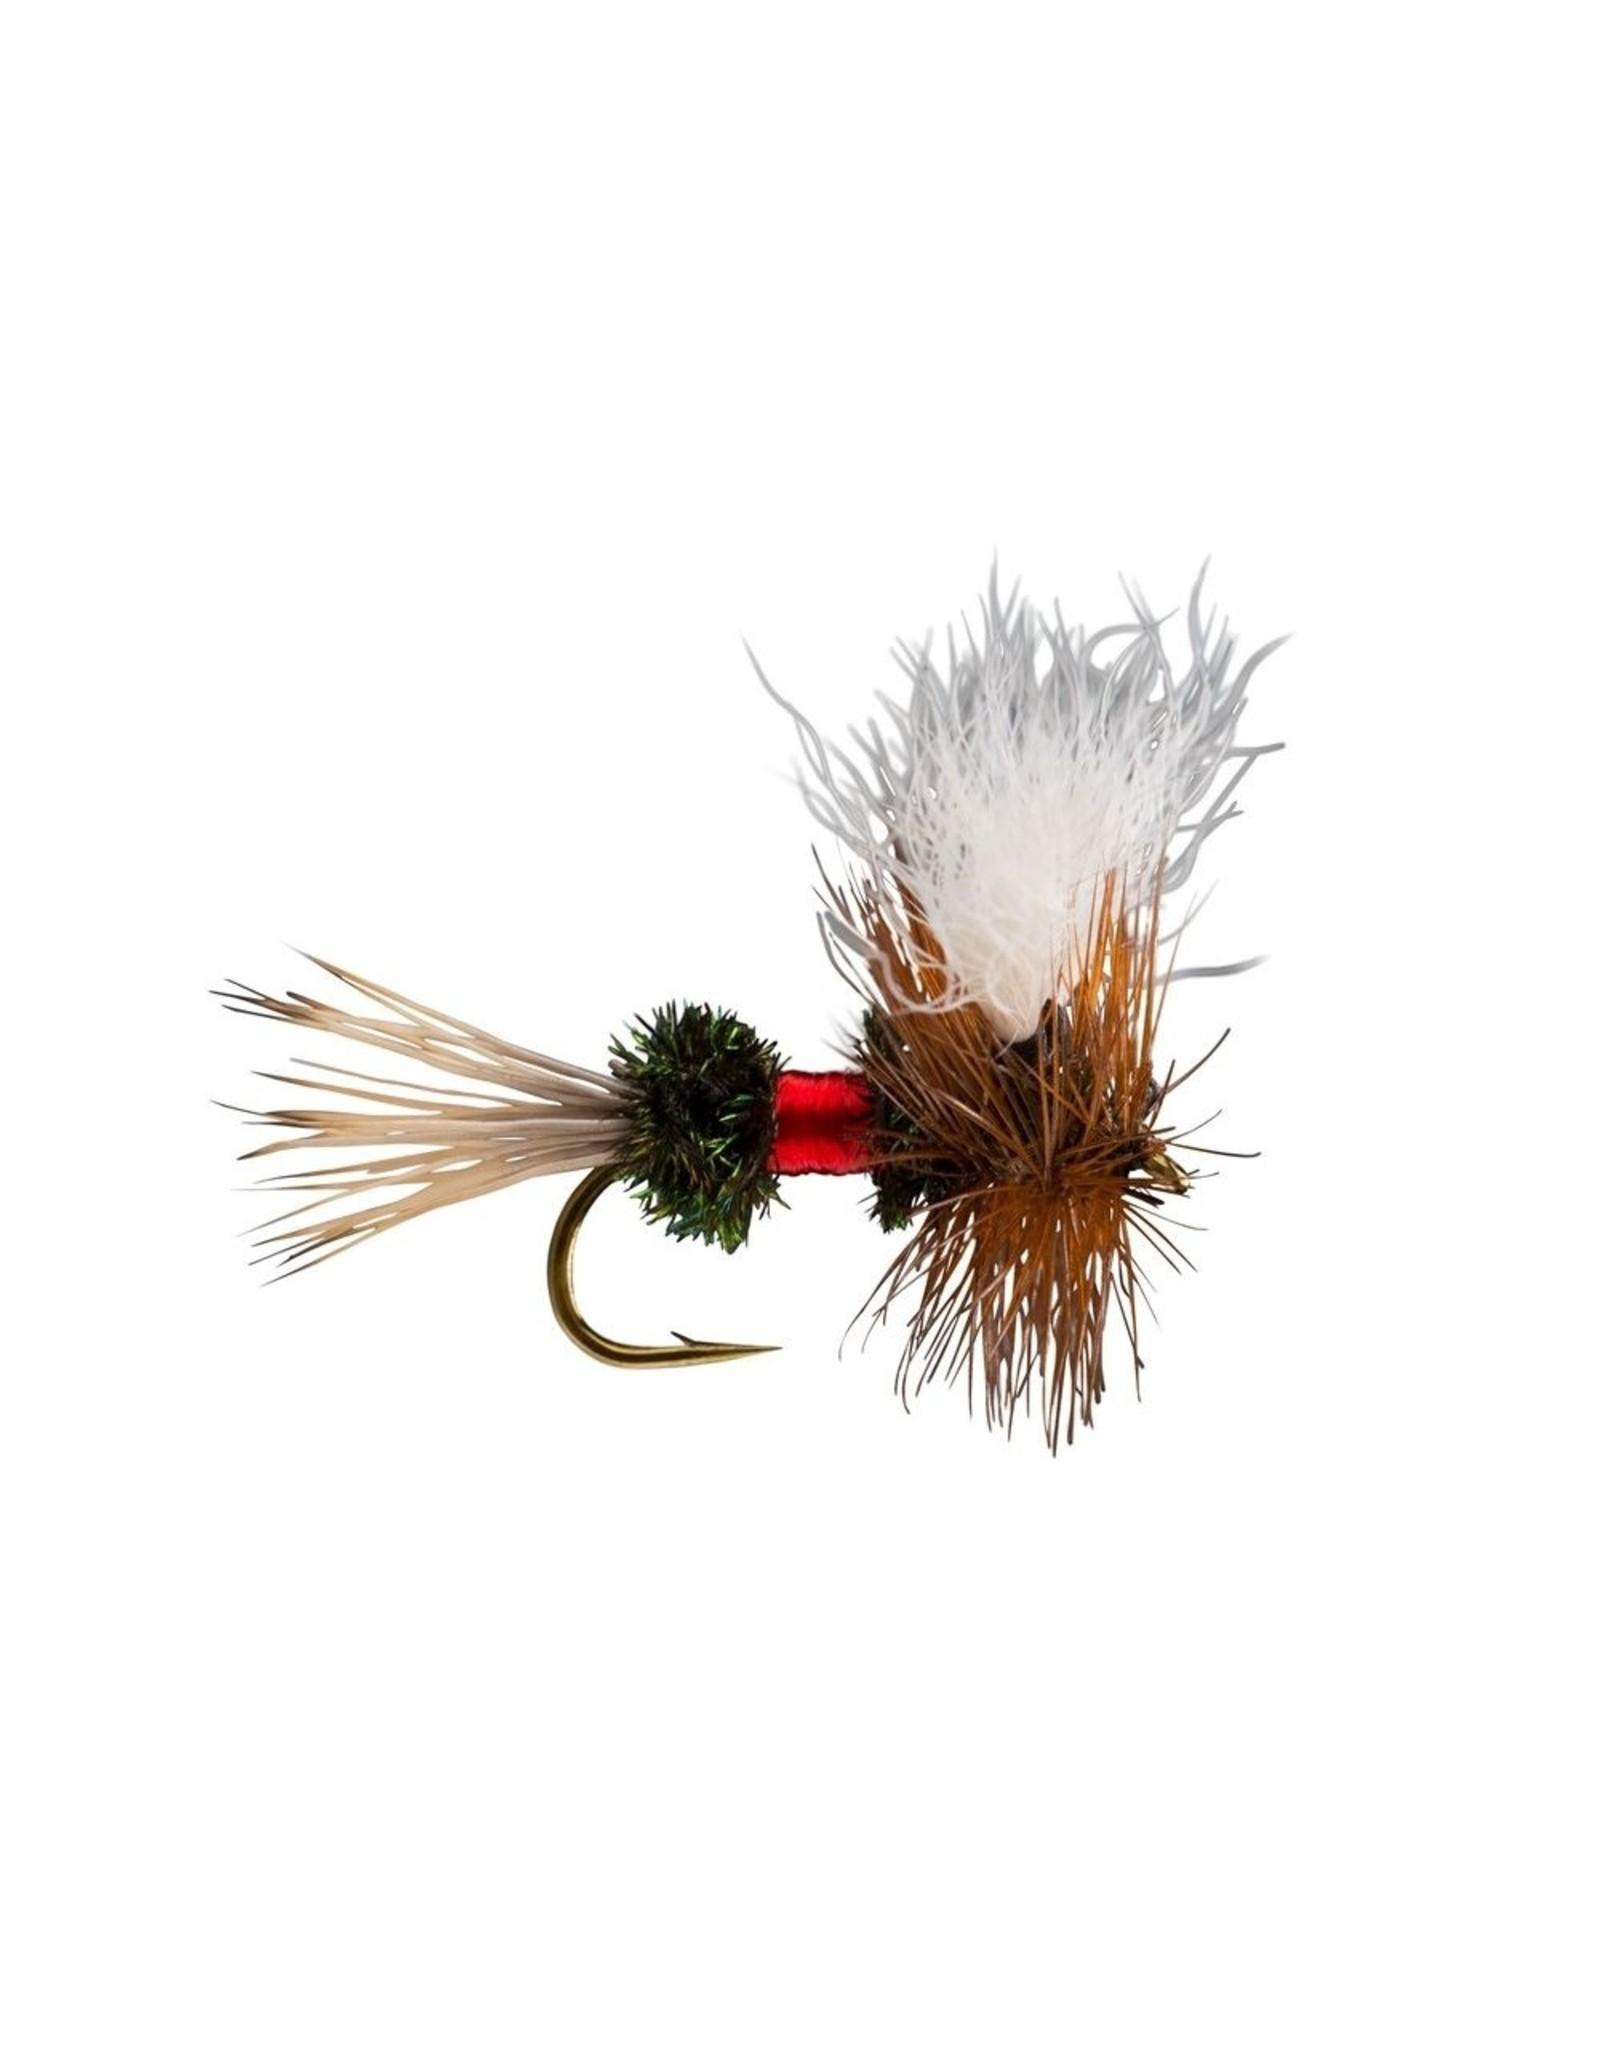 Mountain Angler - Flies Royal Wulff